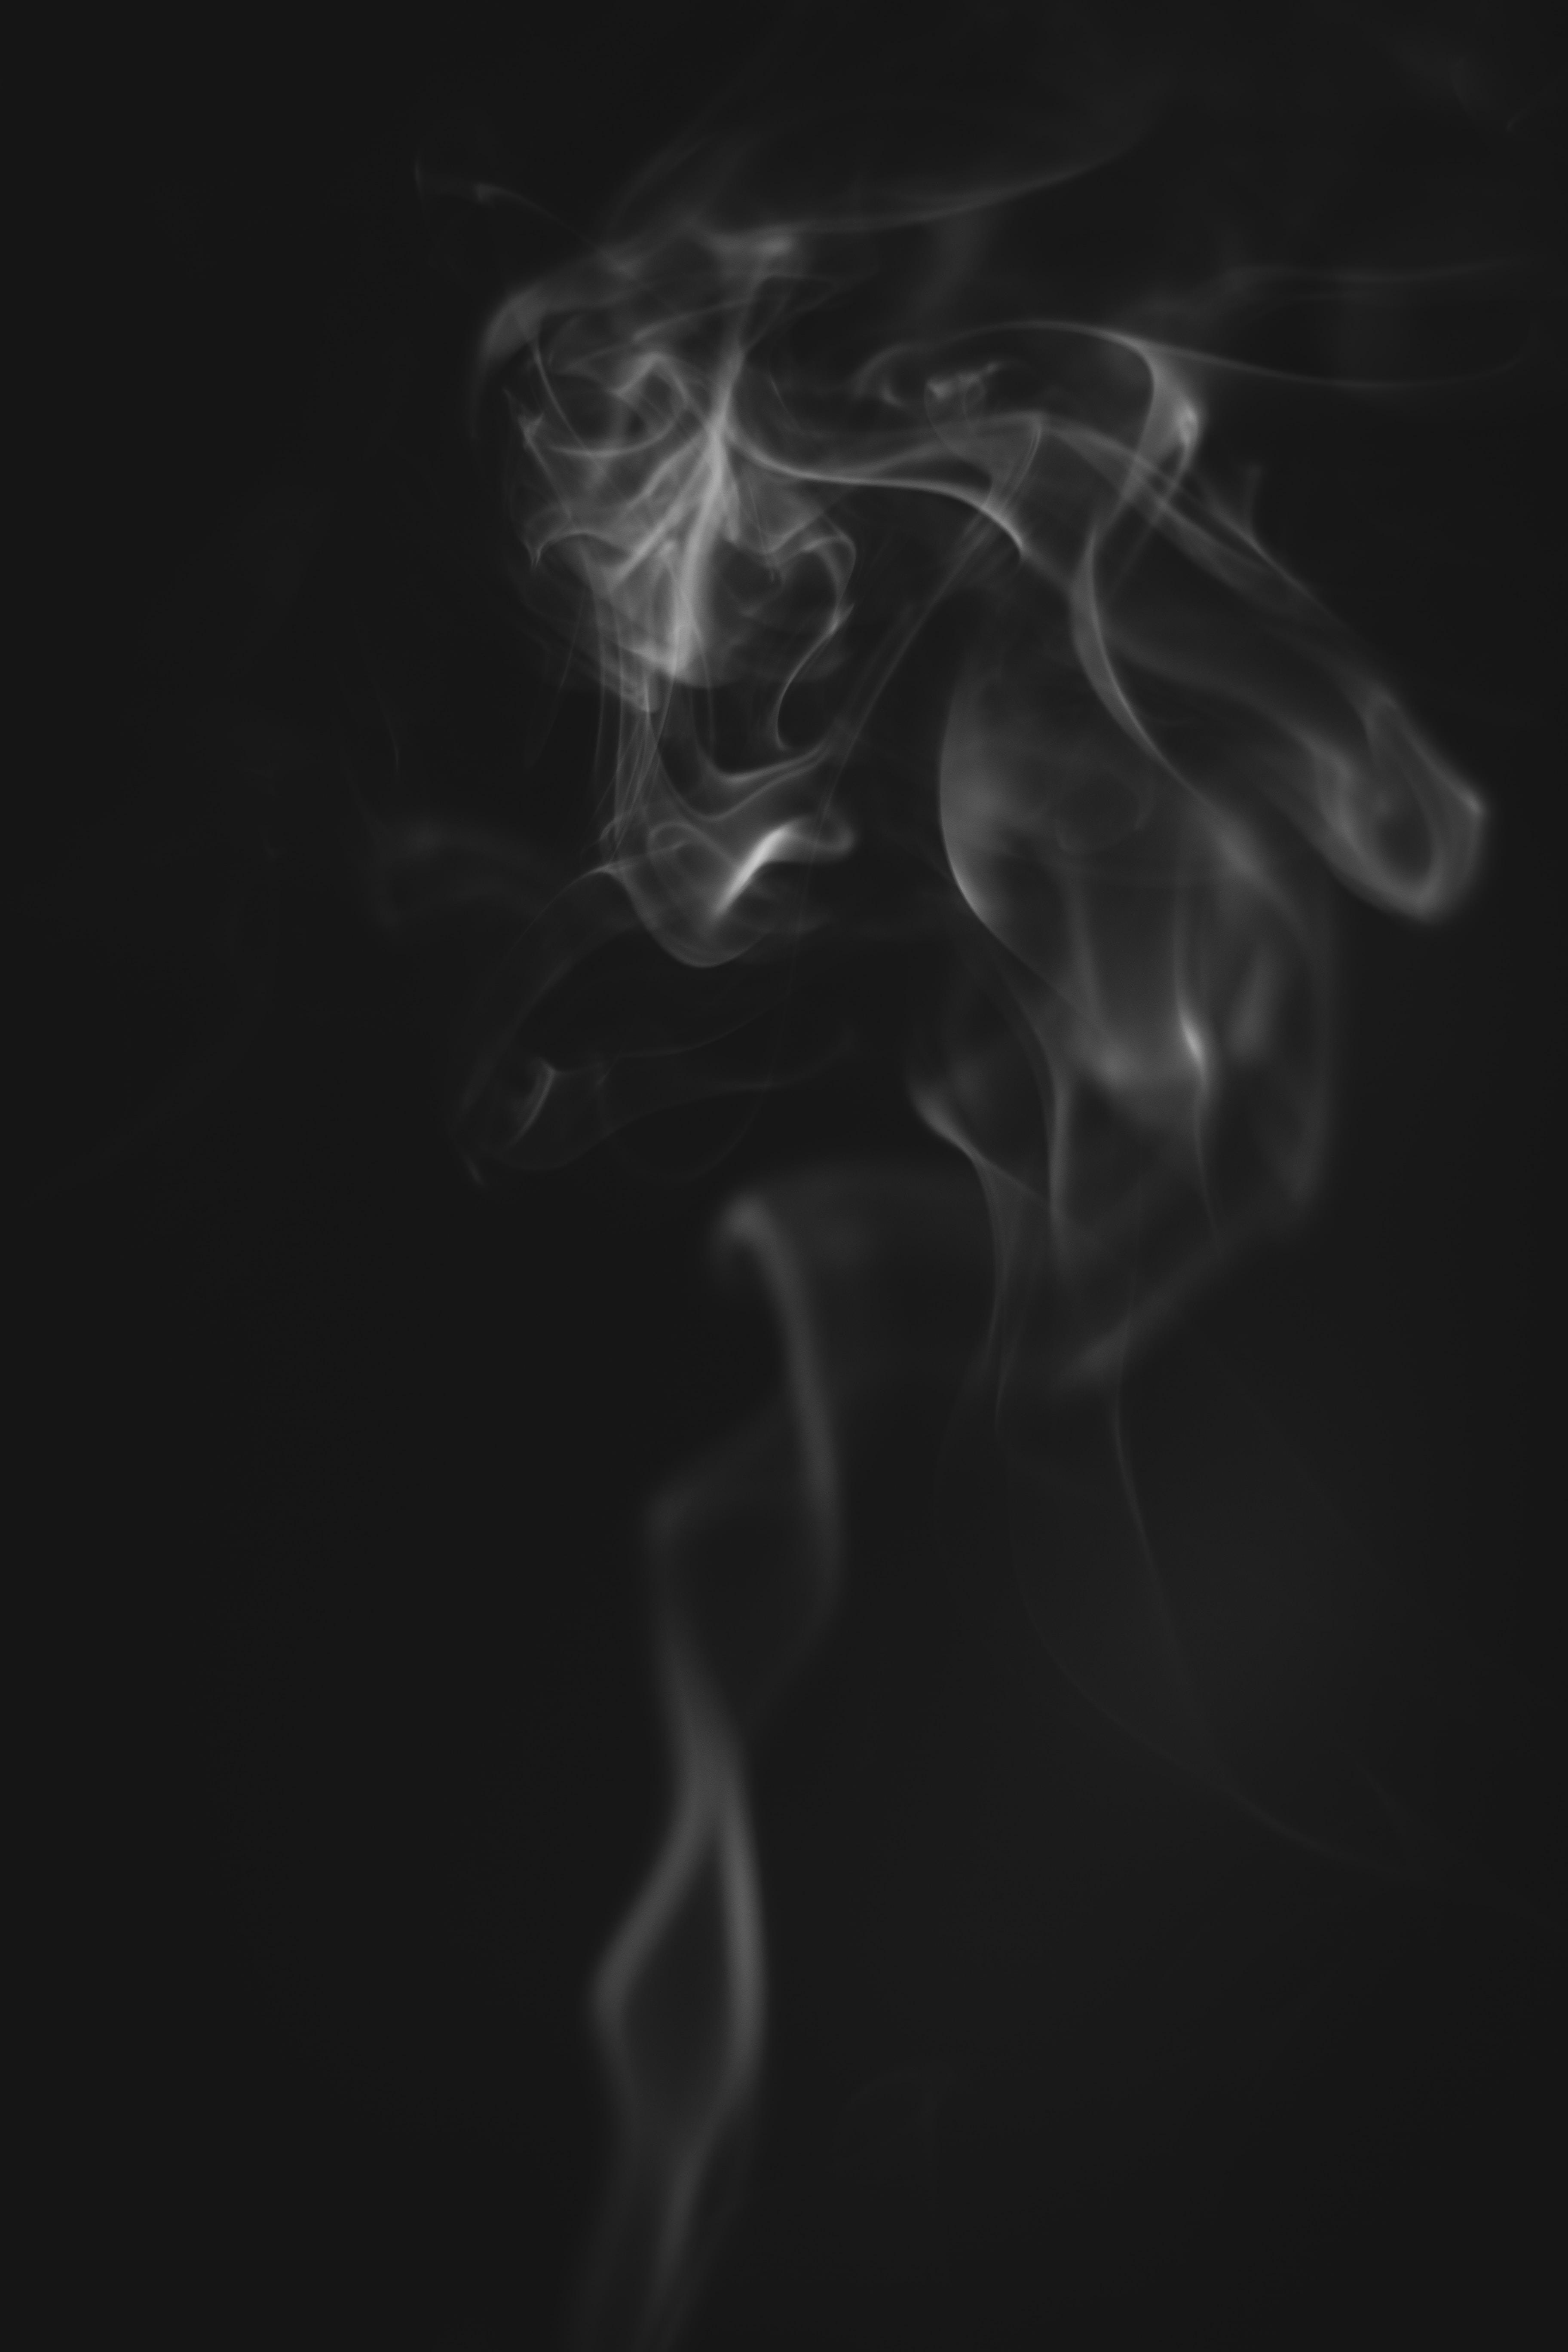 120939 免費下載壁紙 云, 云端, 体重, 星期四, 吸烟 屏保和圖片